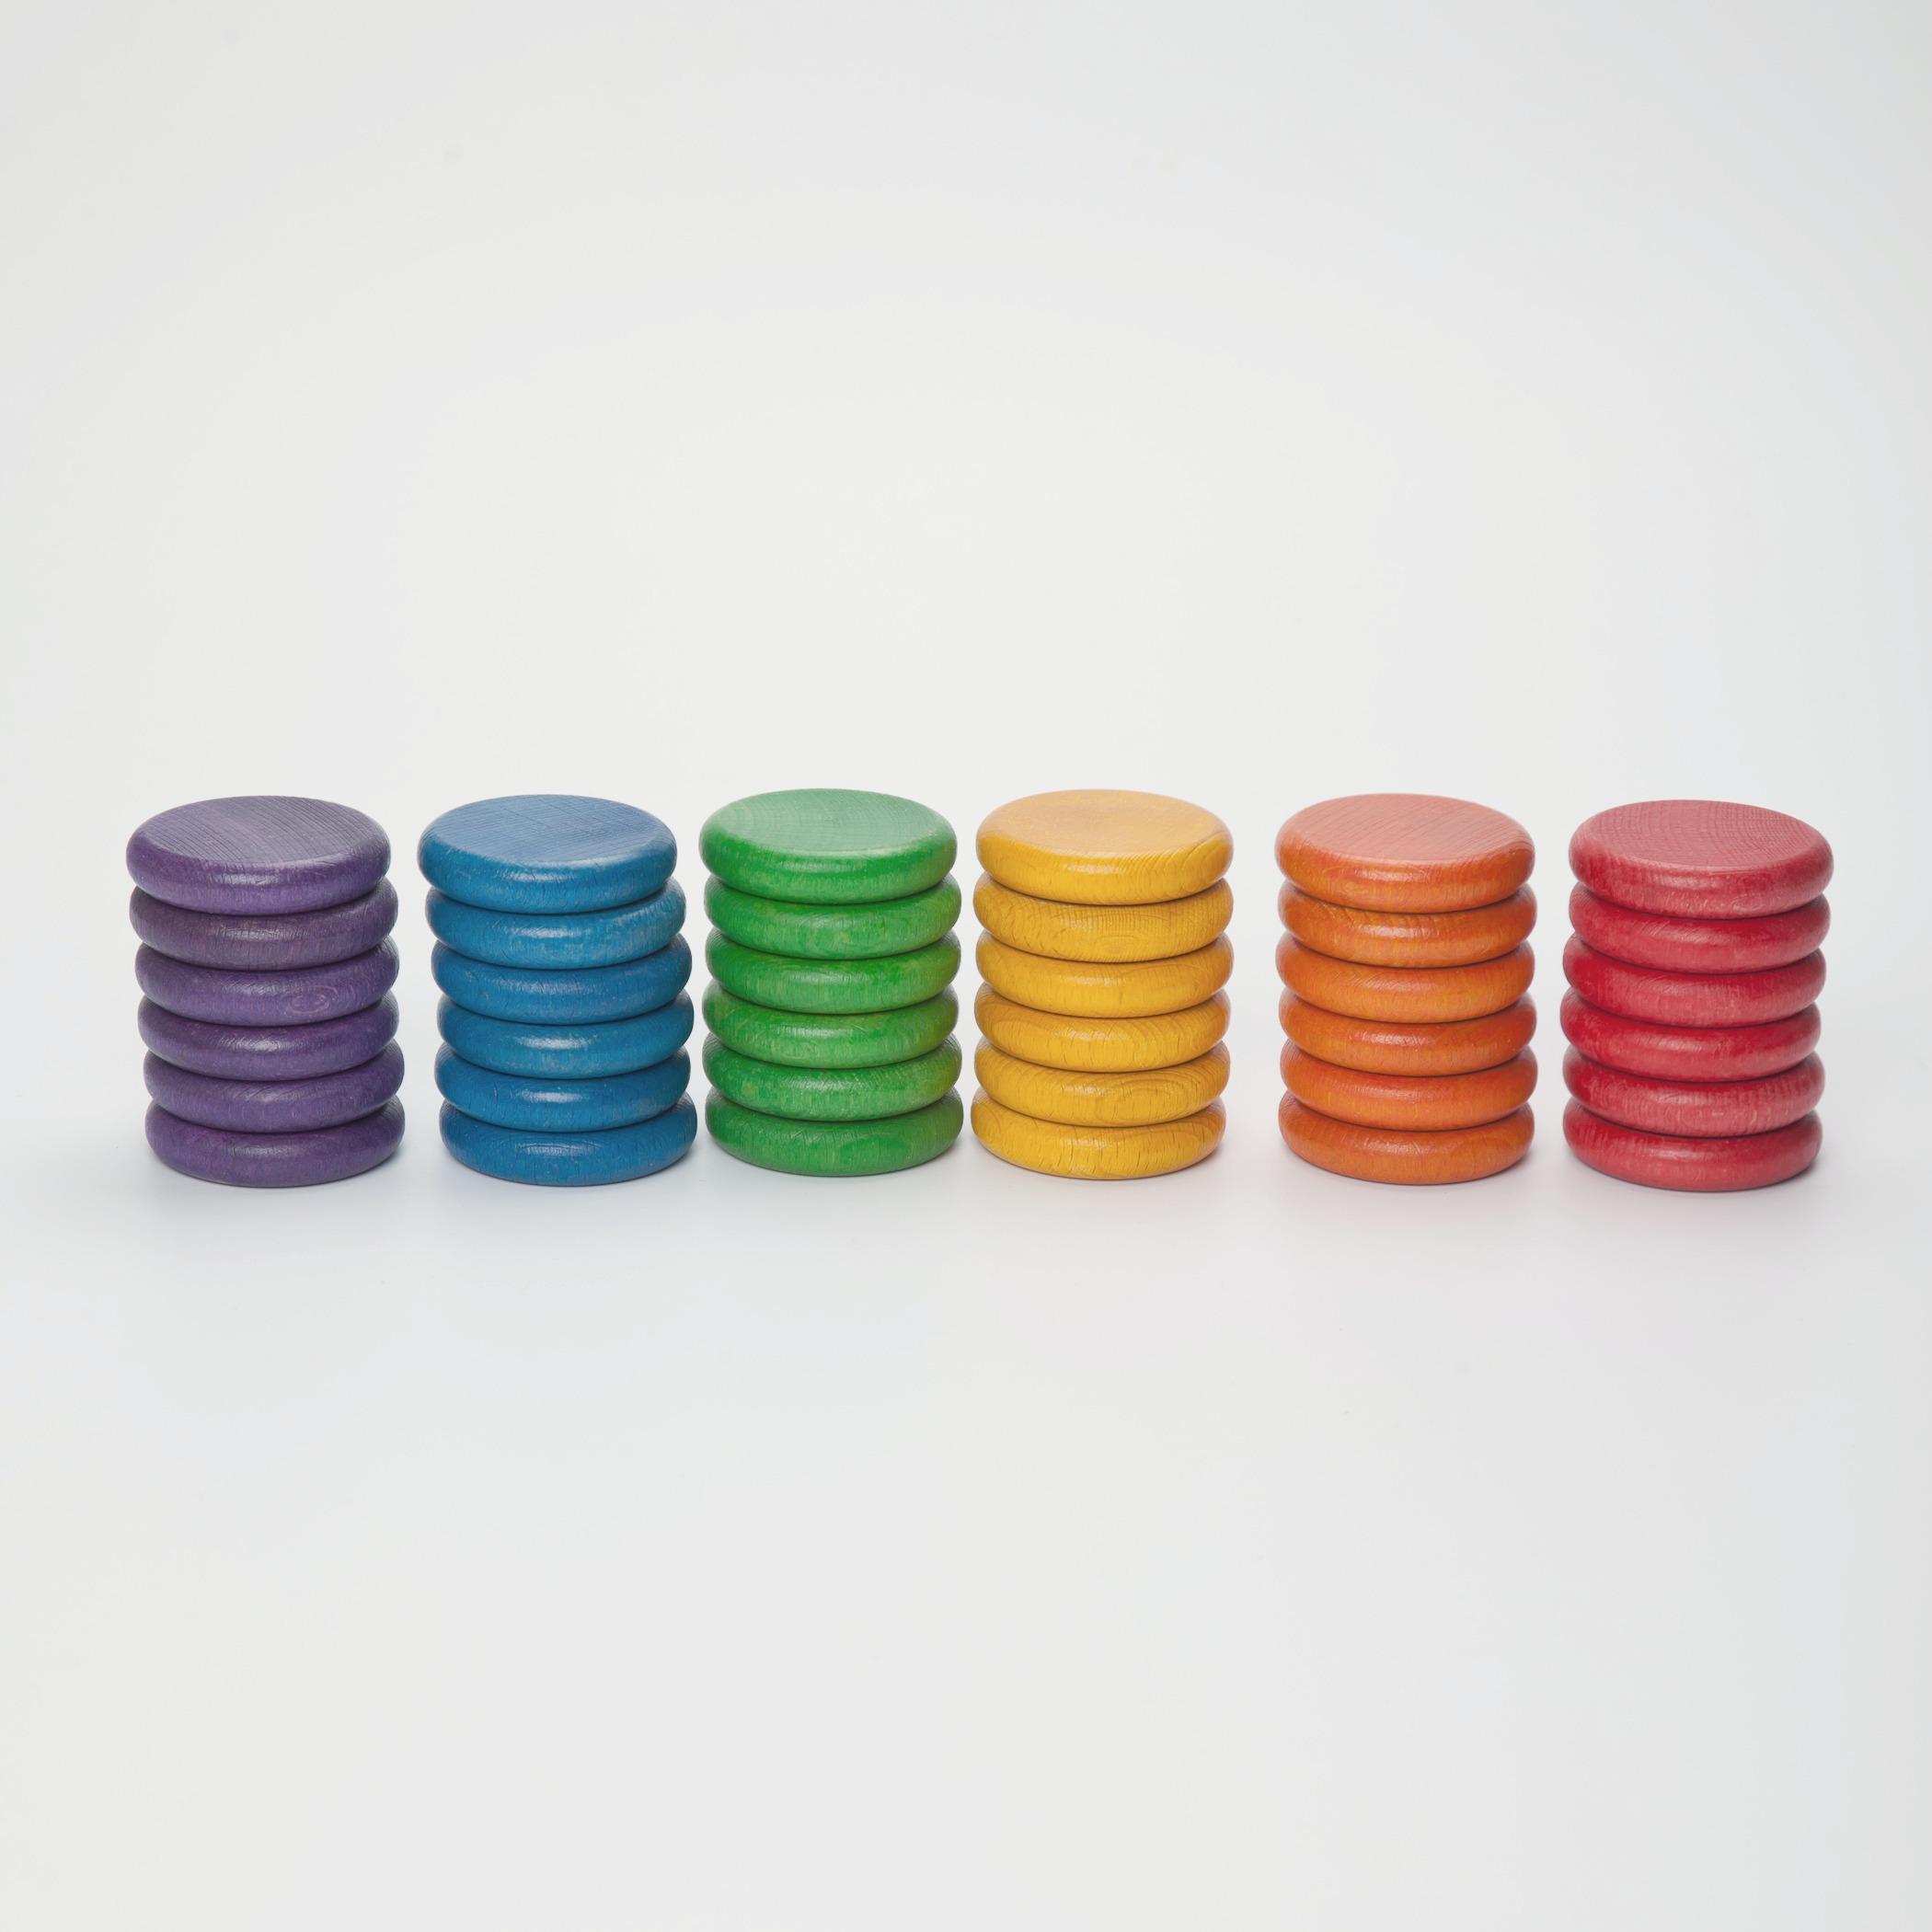 36 pièces Grapat en 6 couleurs